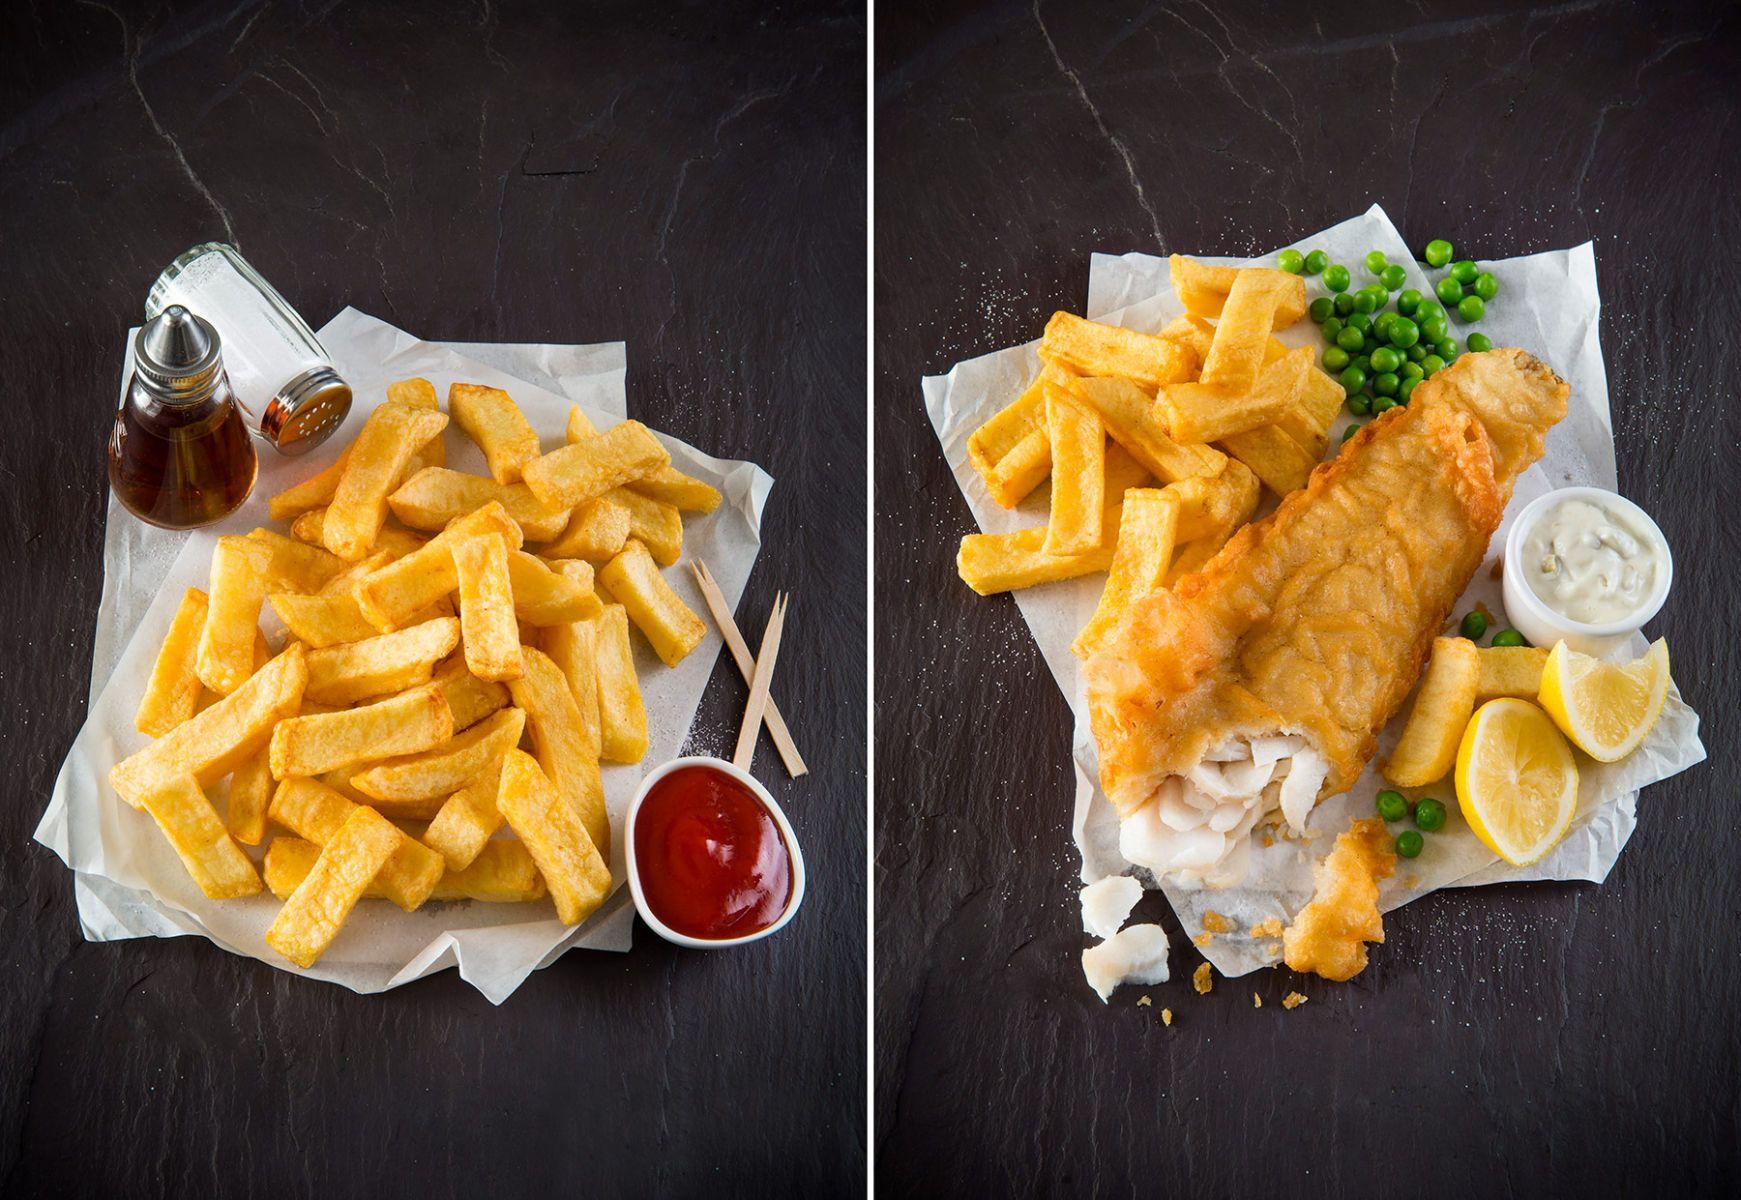 1take_away_food.jpg